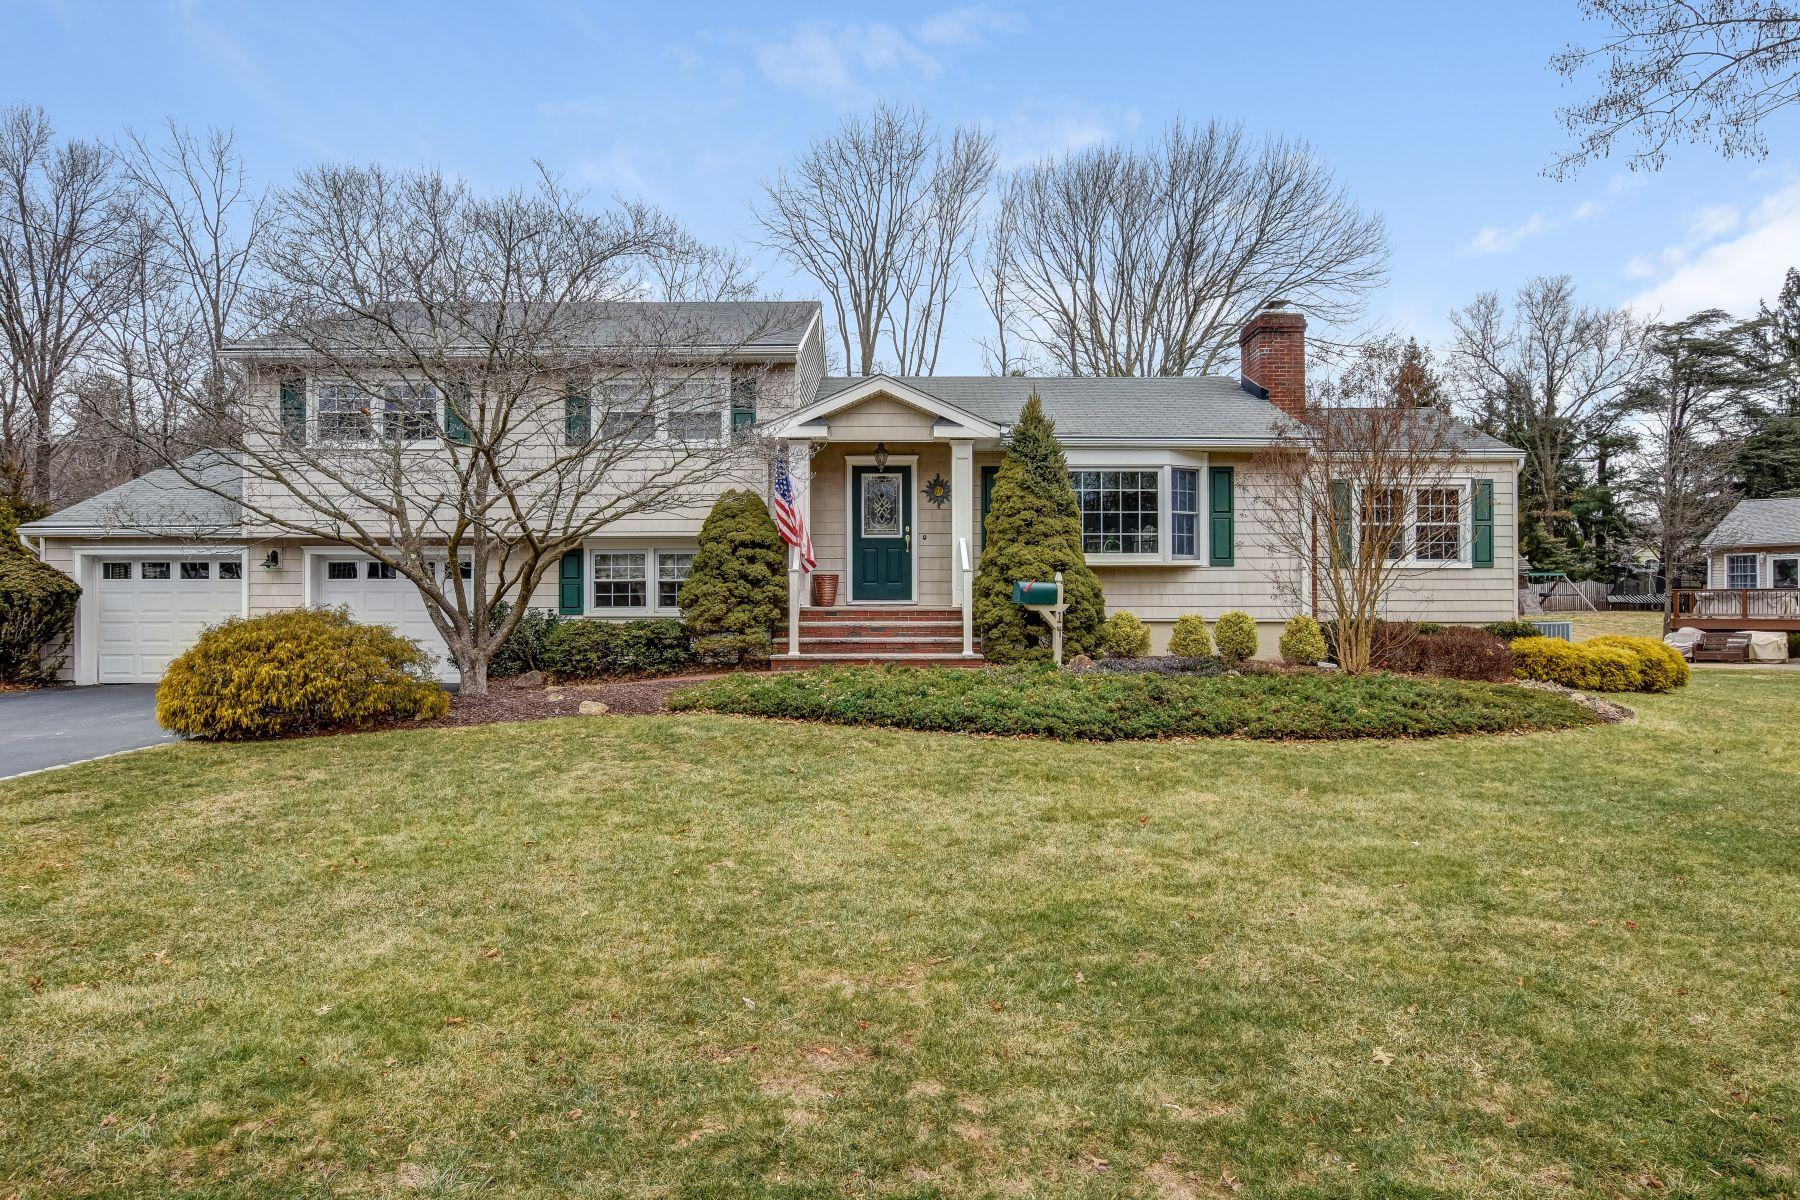 Maison unifamiliale pour l Vente à Meticulously Maintained Home 14 Kathleen Place, Morris Plains, New Jersey 07950 États-Unis